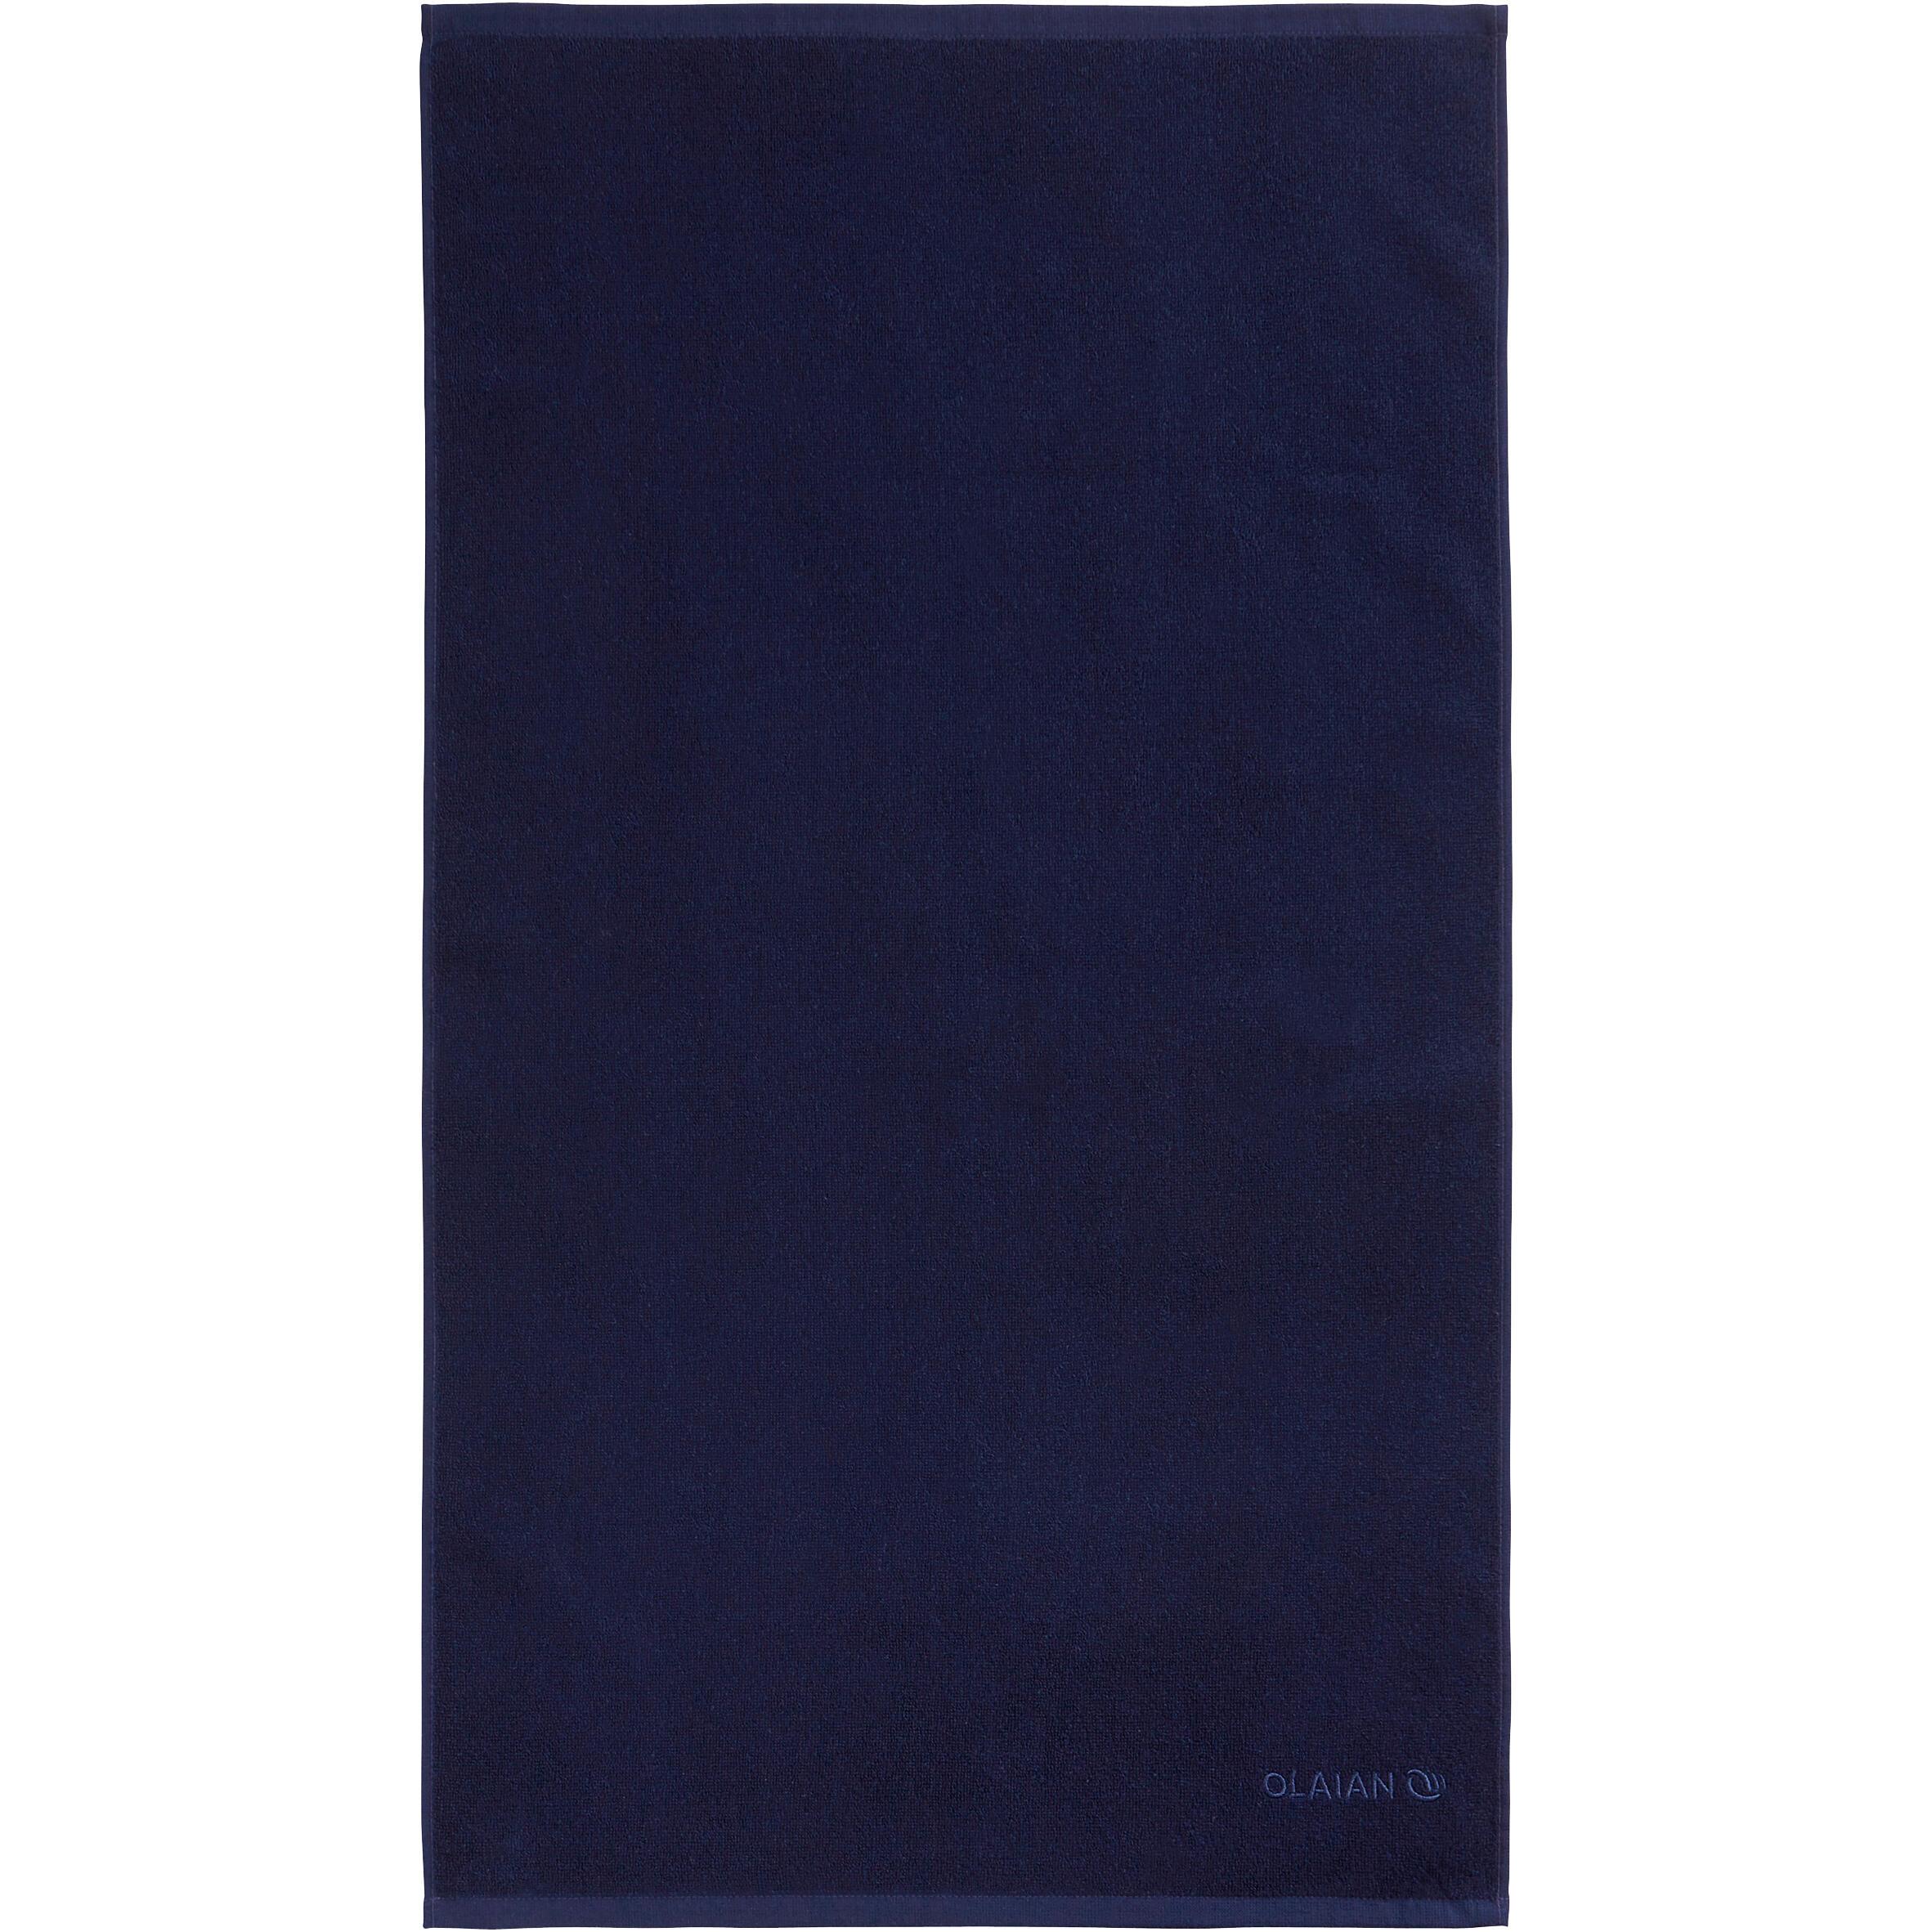 Strandtuch Basic S 90 × 50 cm dunkelblau